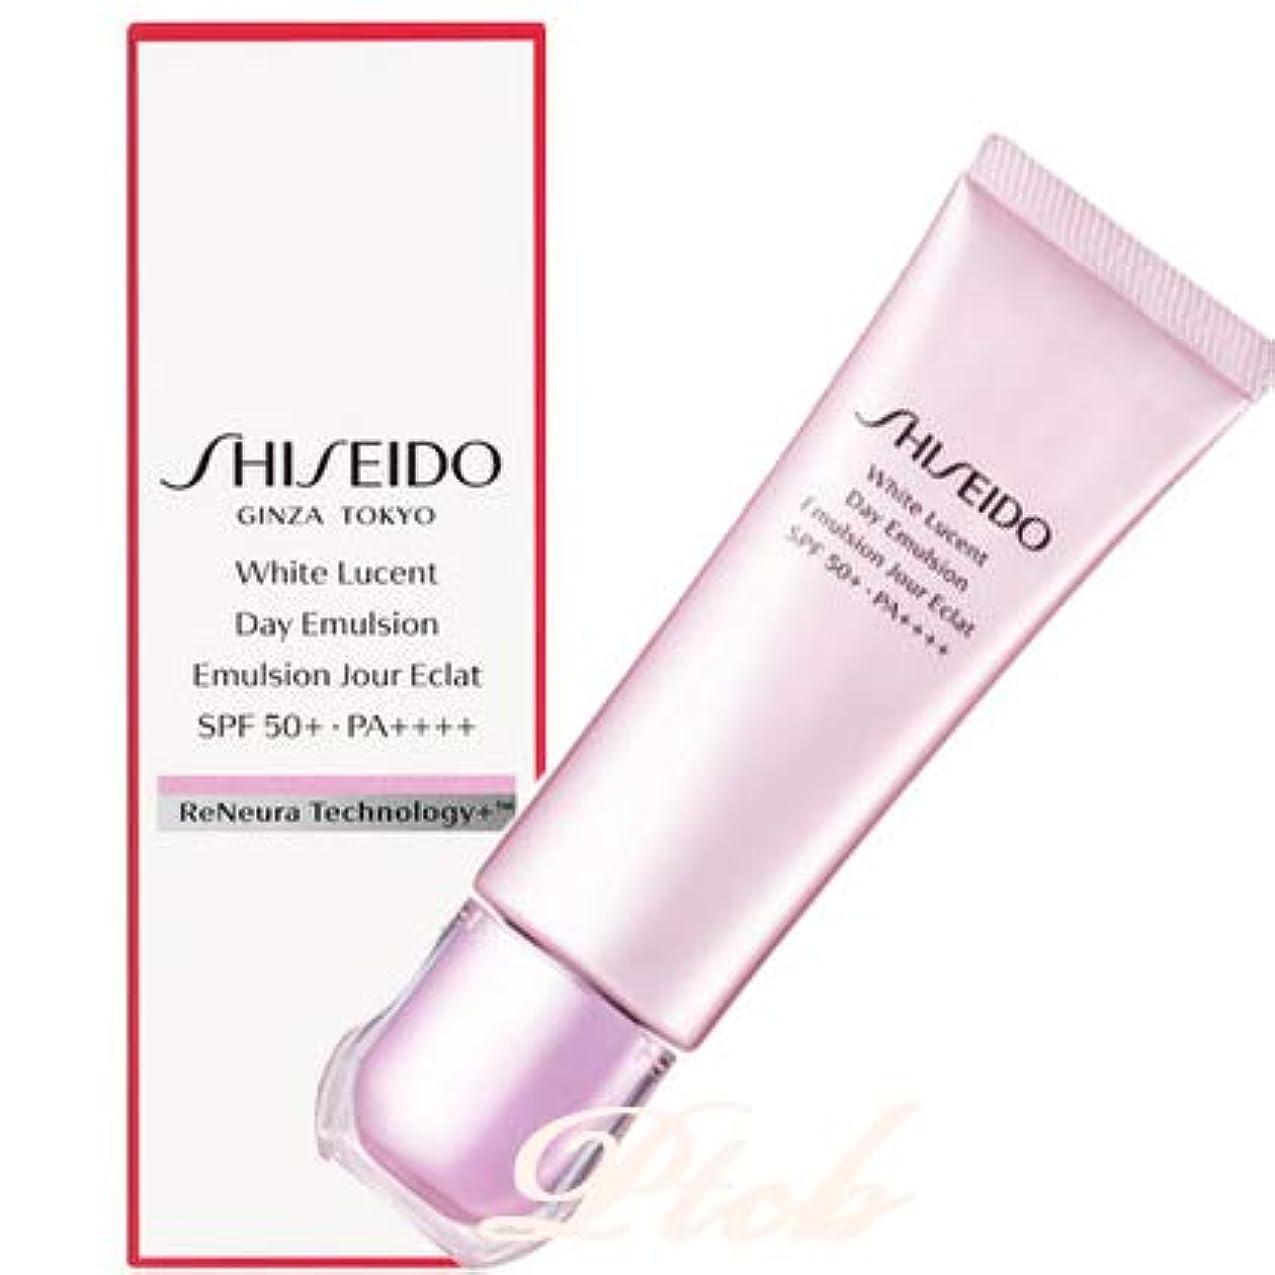 セットアップスポンサー楽観的SHISEIDO ホワイトルーセント(シセイドウ ホワイトルーセント) SHISEIDO(資生堂) デーエマルジョン (医薬部外品)50ml